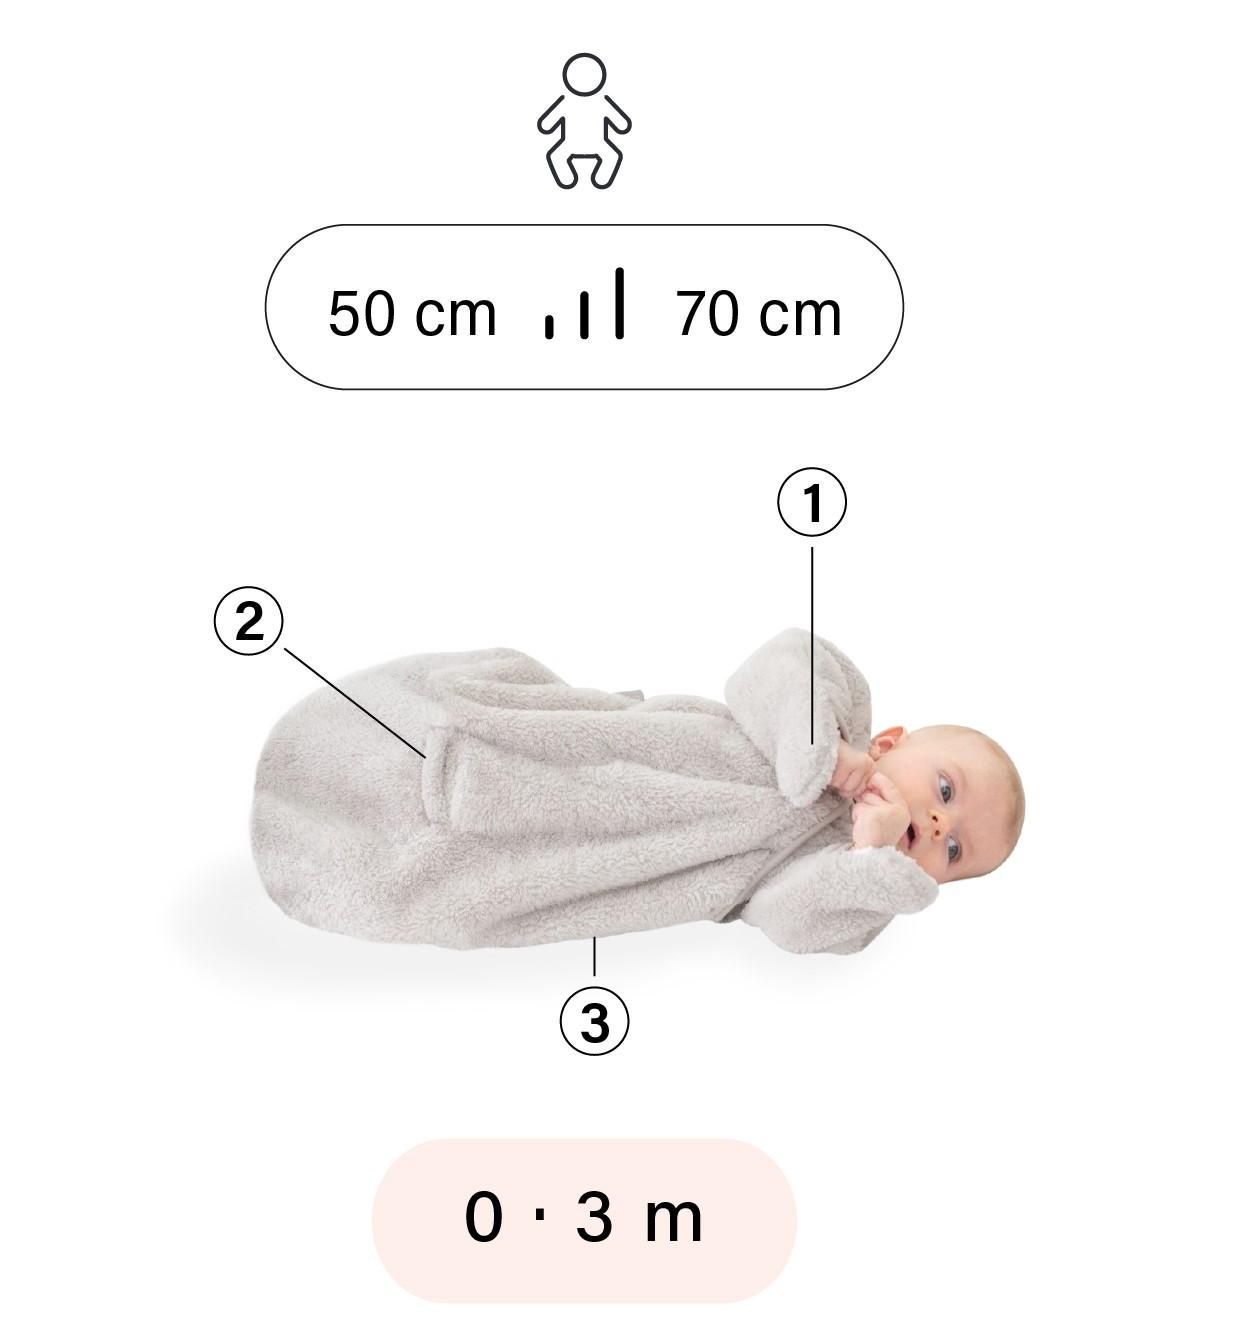 Bemini slaapzak 0-3 maanden